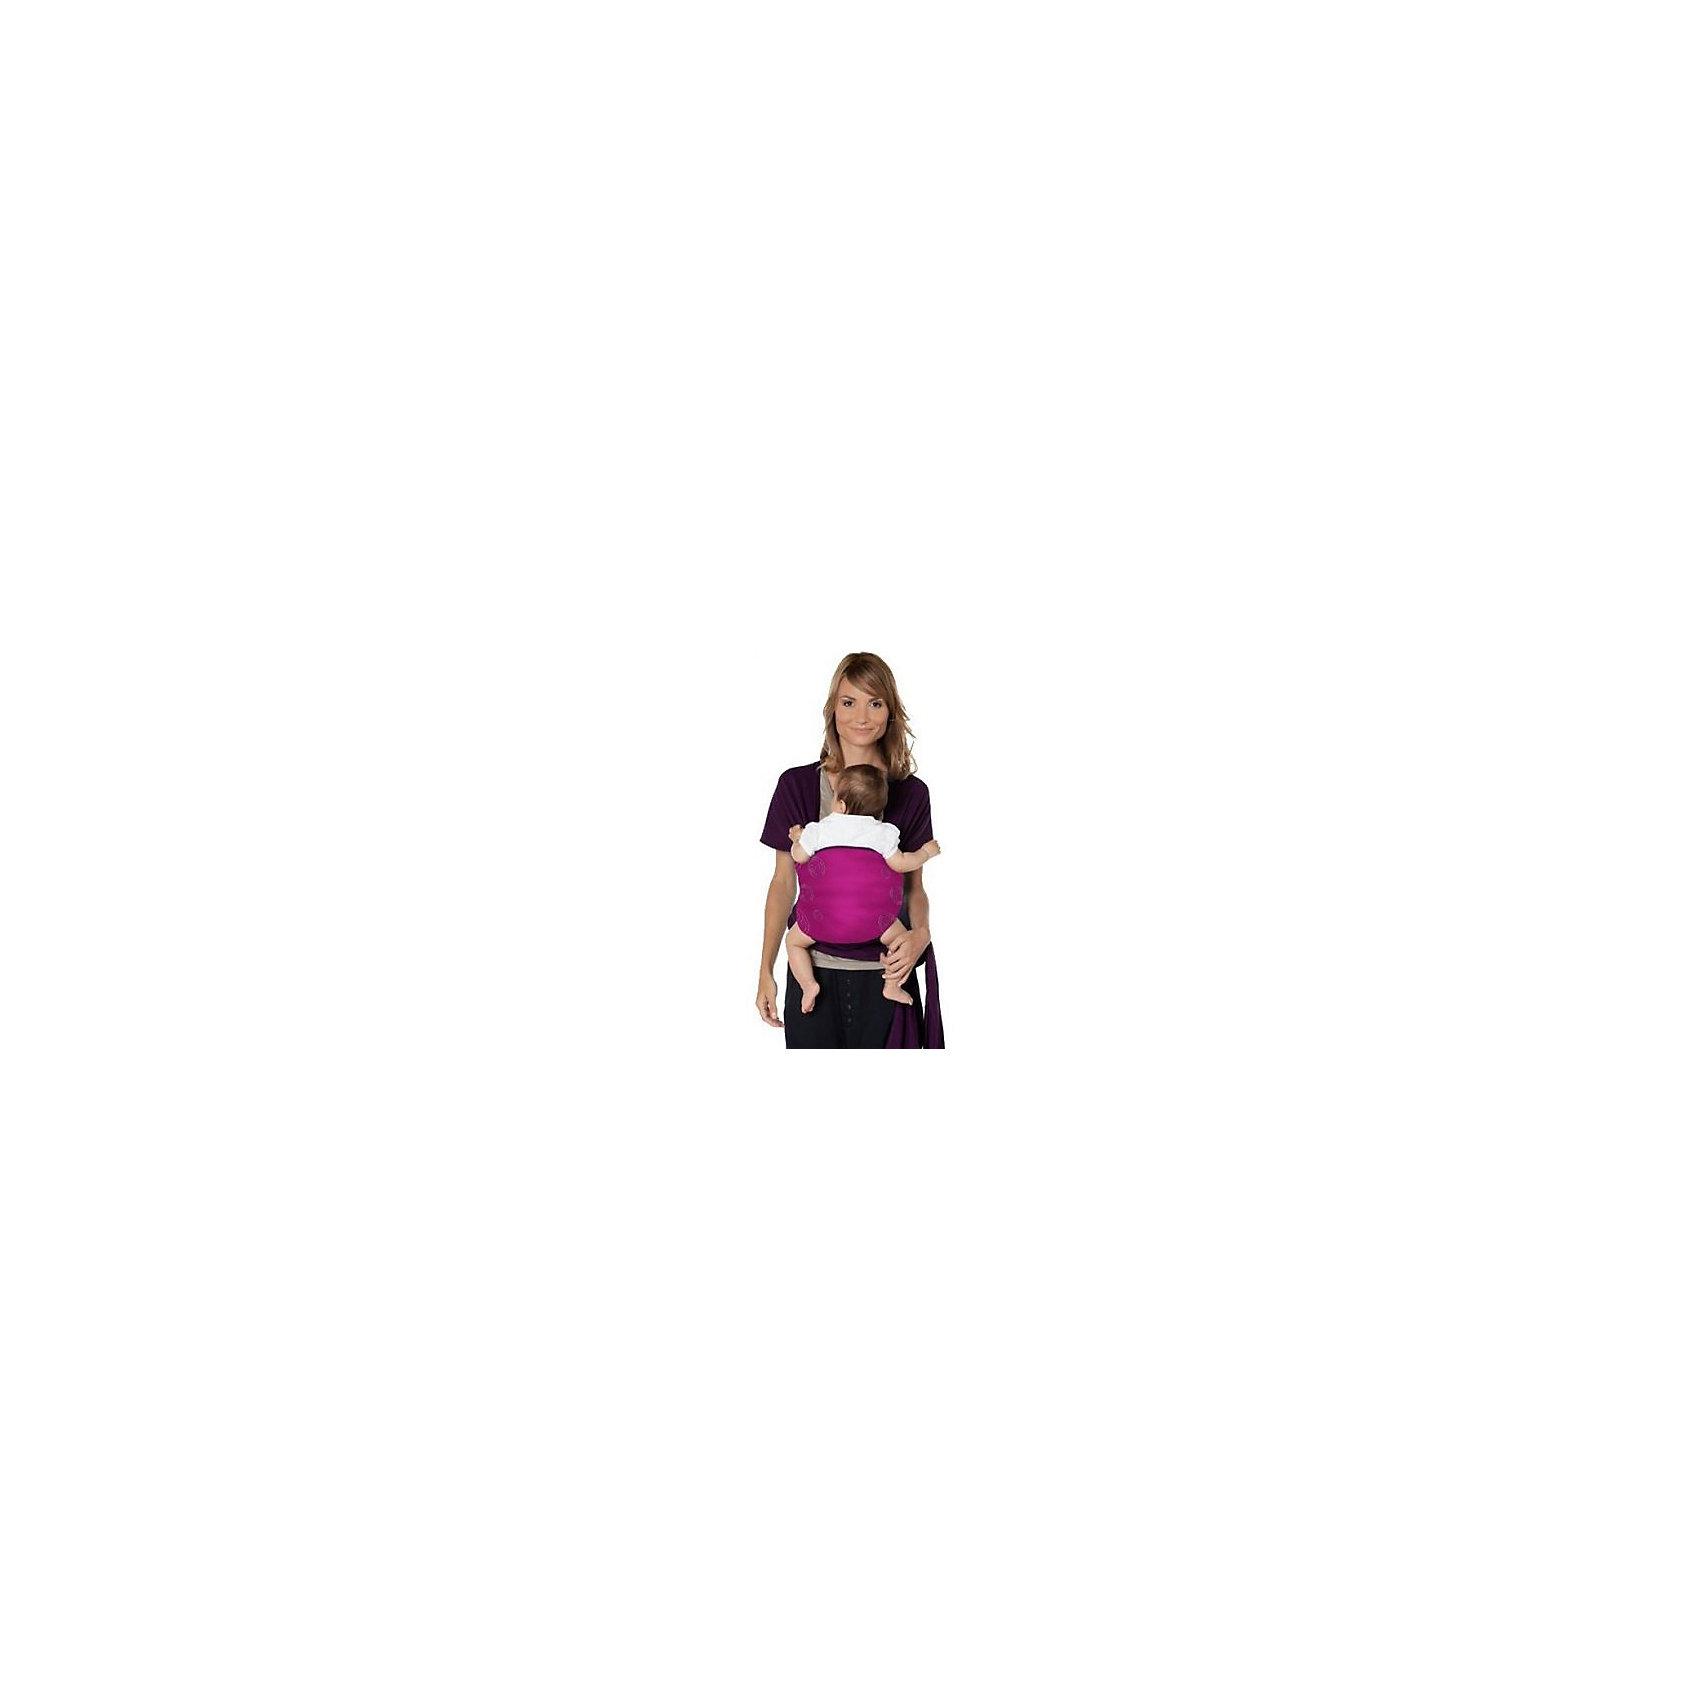 Рюкзак-кенгуру U.GO, Cybex, LollipopСлинги и рюкзаки-переноски<br>Рюкзак -переноска Cybex U.GO идеально подстраивается под ребенка, обеспечивая максимальную безопасность и комфорт, как для ребенка, так и для его родителя. <br>Предусмотрены 5 вариантов переноски ребенка.<br><br>Особенности: <br>- Эргономичный разрез переноски-кенгуру поддерживает естественный изгиб спины ребенка и идеально подстраивается под его тело.<br>- Для лучшей поддержки ребенка, в переноске-кенгуру предусмотрен широкий диапазон регулировок.<br>- В зависимости от того, крупный ребенок или миниатюрный, в переноске-кенгуру длина лямок может быть установлена в трех позициях. Требуемые объемы и ширина как для ребенка так и для родителя легко настраиваются. <br>Анатомическая форма лямок и оптимальное распределение нагрузки на плечи родителя дарят необыкновенный комфорт при ношении ребенка. <br>- Универсальный подголовник поддерживает голову ребенка во время сна.<br>- Расширенные возможности регулировки сидения позволяют идеально подогнать сидение под ребенка, сидящего в рекомендуемой позиции с разведенными ножками. <br>- Максимально допустимый вес: 18 кг.<br><br>Дополнительная информация:<br><br>- Цвет: Lollipop.<br>- Размер упаковки: 32х25х21 см.<br>- Вес в упаковке: 1,200 кг.<br><br>Рюкзак-кенгуру U.GO Cybex можно купить в нашем магазине.<br><br>Ширина мм: 320<br>Глубина мм: 250<br>Высота мм: 210<br>Вес г: 1200<br>Возраст от месяцев: 0<br>Возраст до месяцев: 36<br>Пол: Женский<br>Возраст: Детский<br>SKU: 4738658